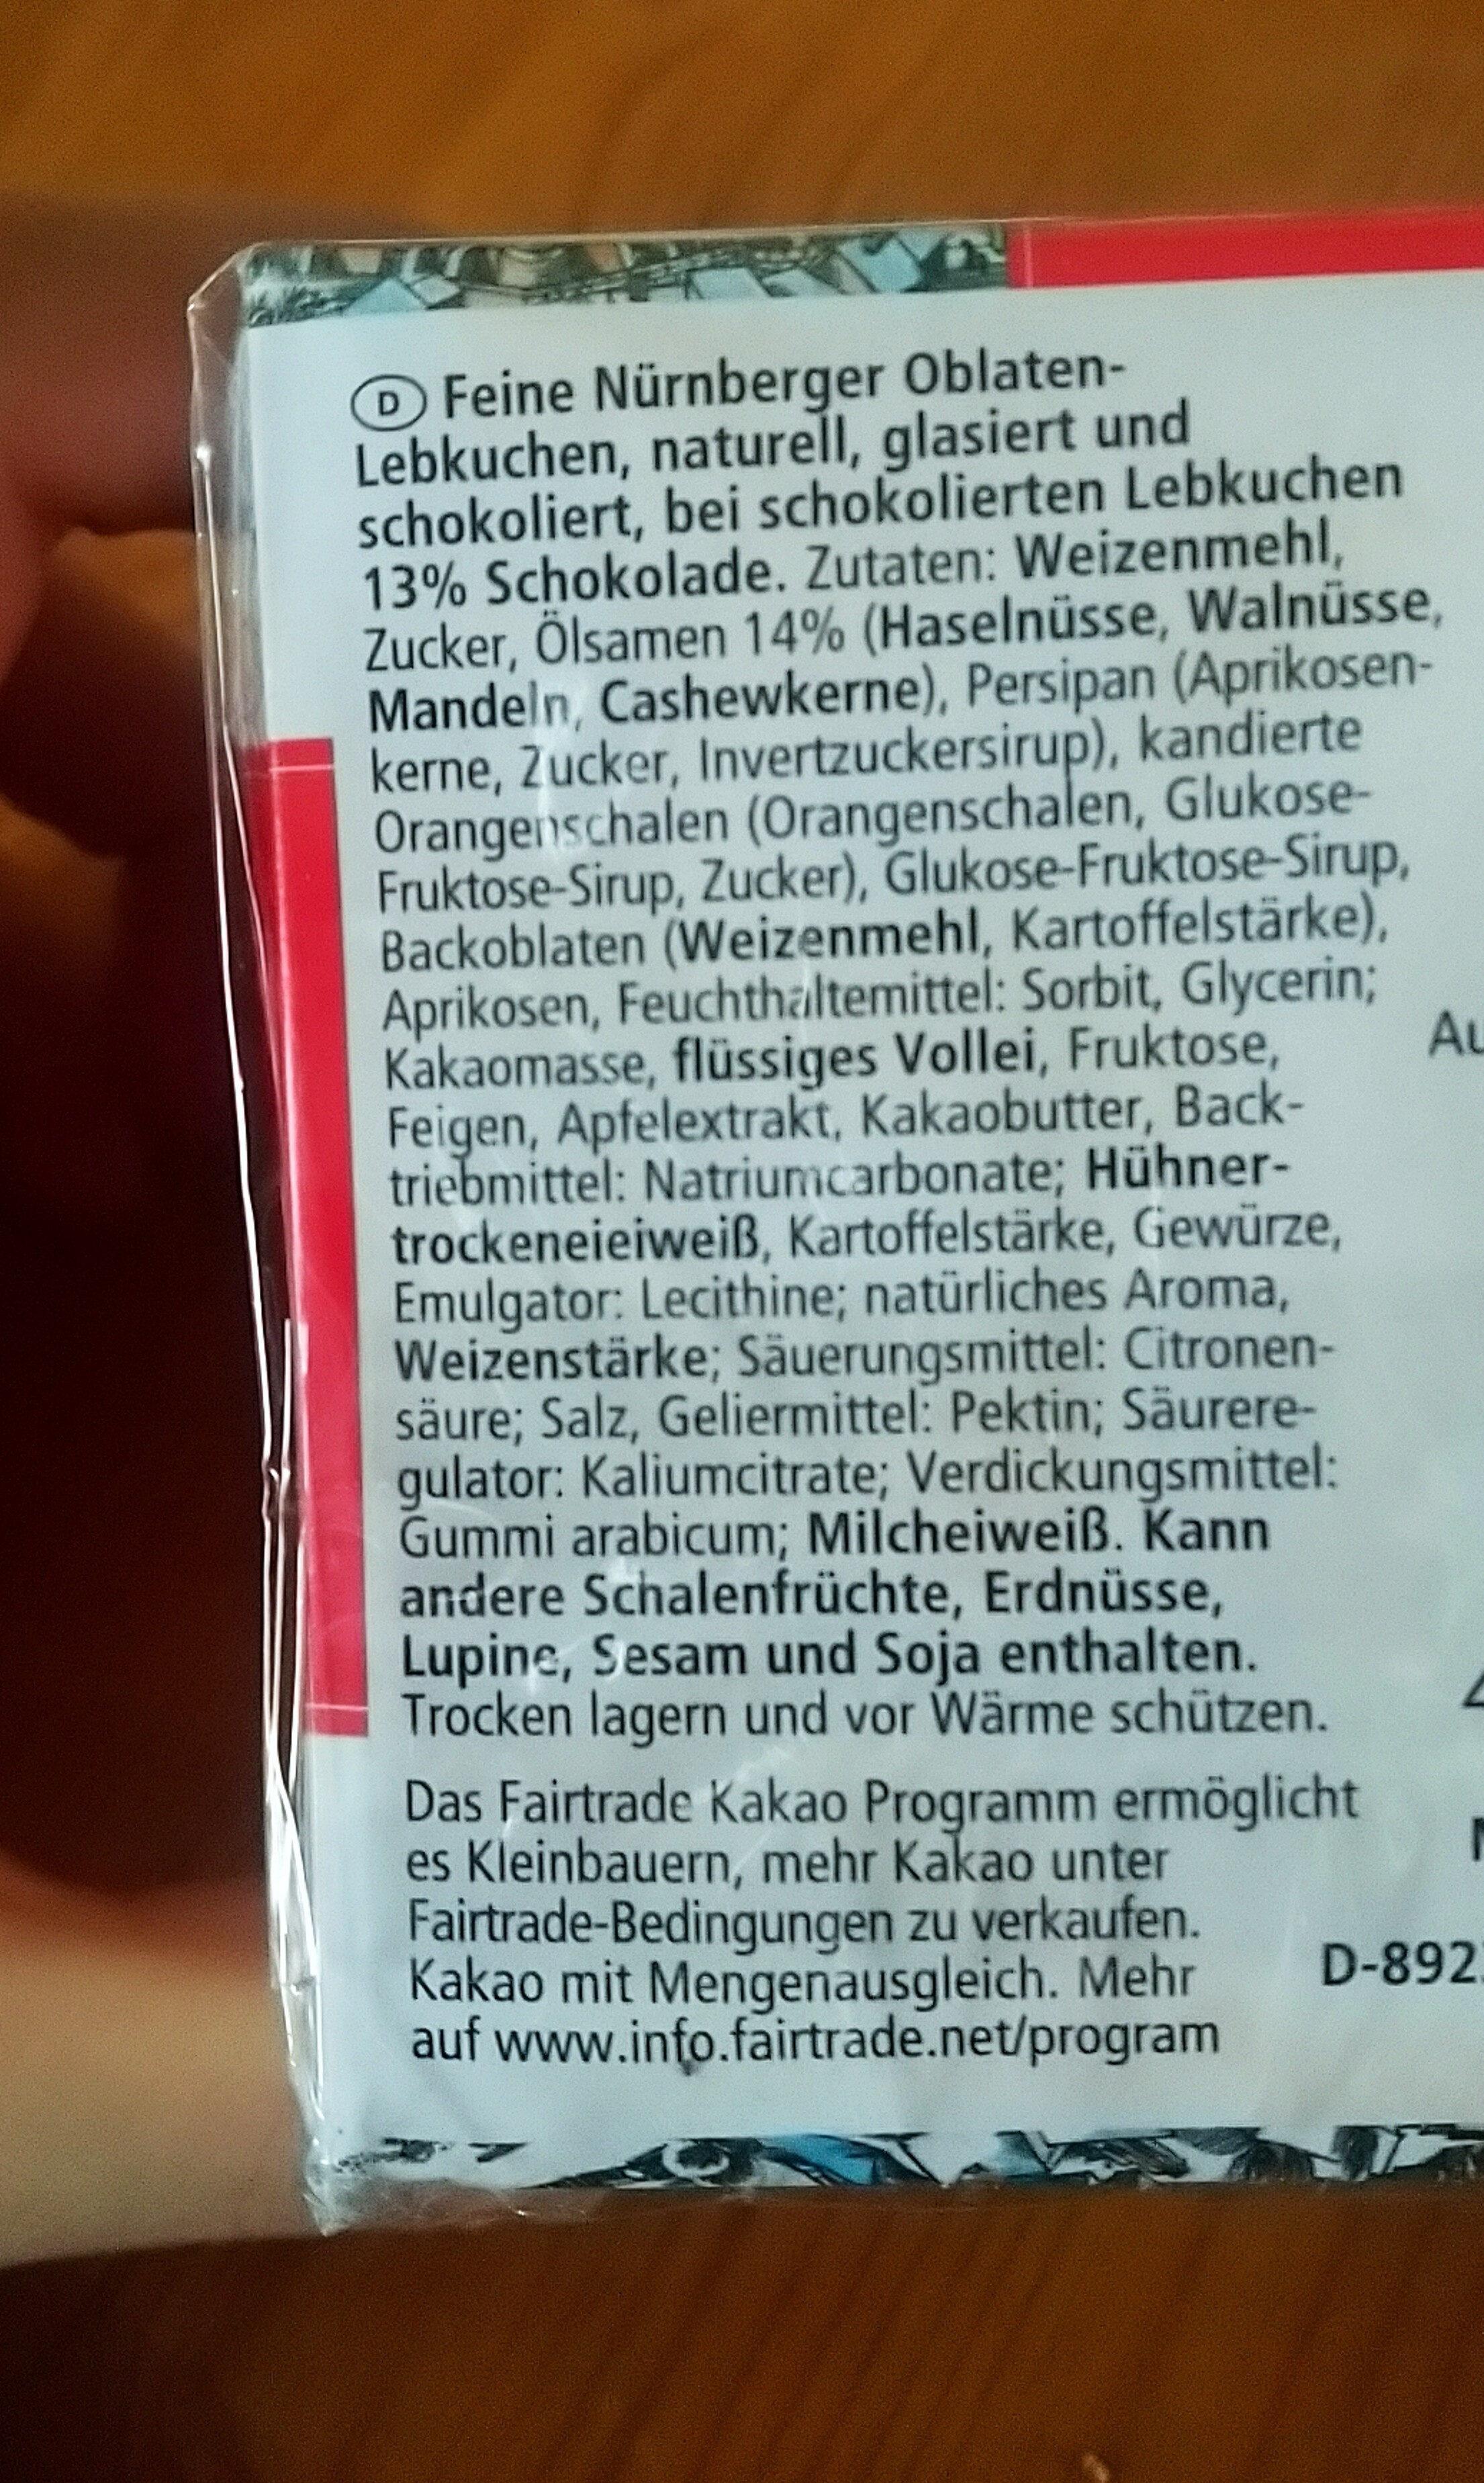 Feine Nürnberger Oblaten Lebkuchen - Ingrediënten - de